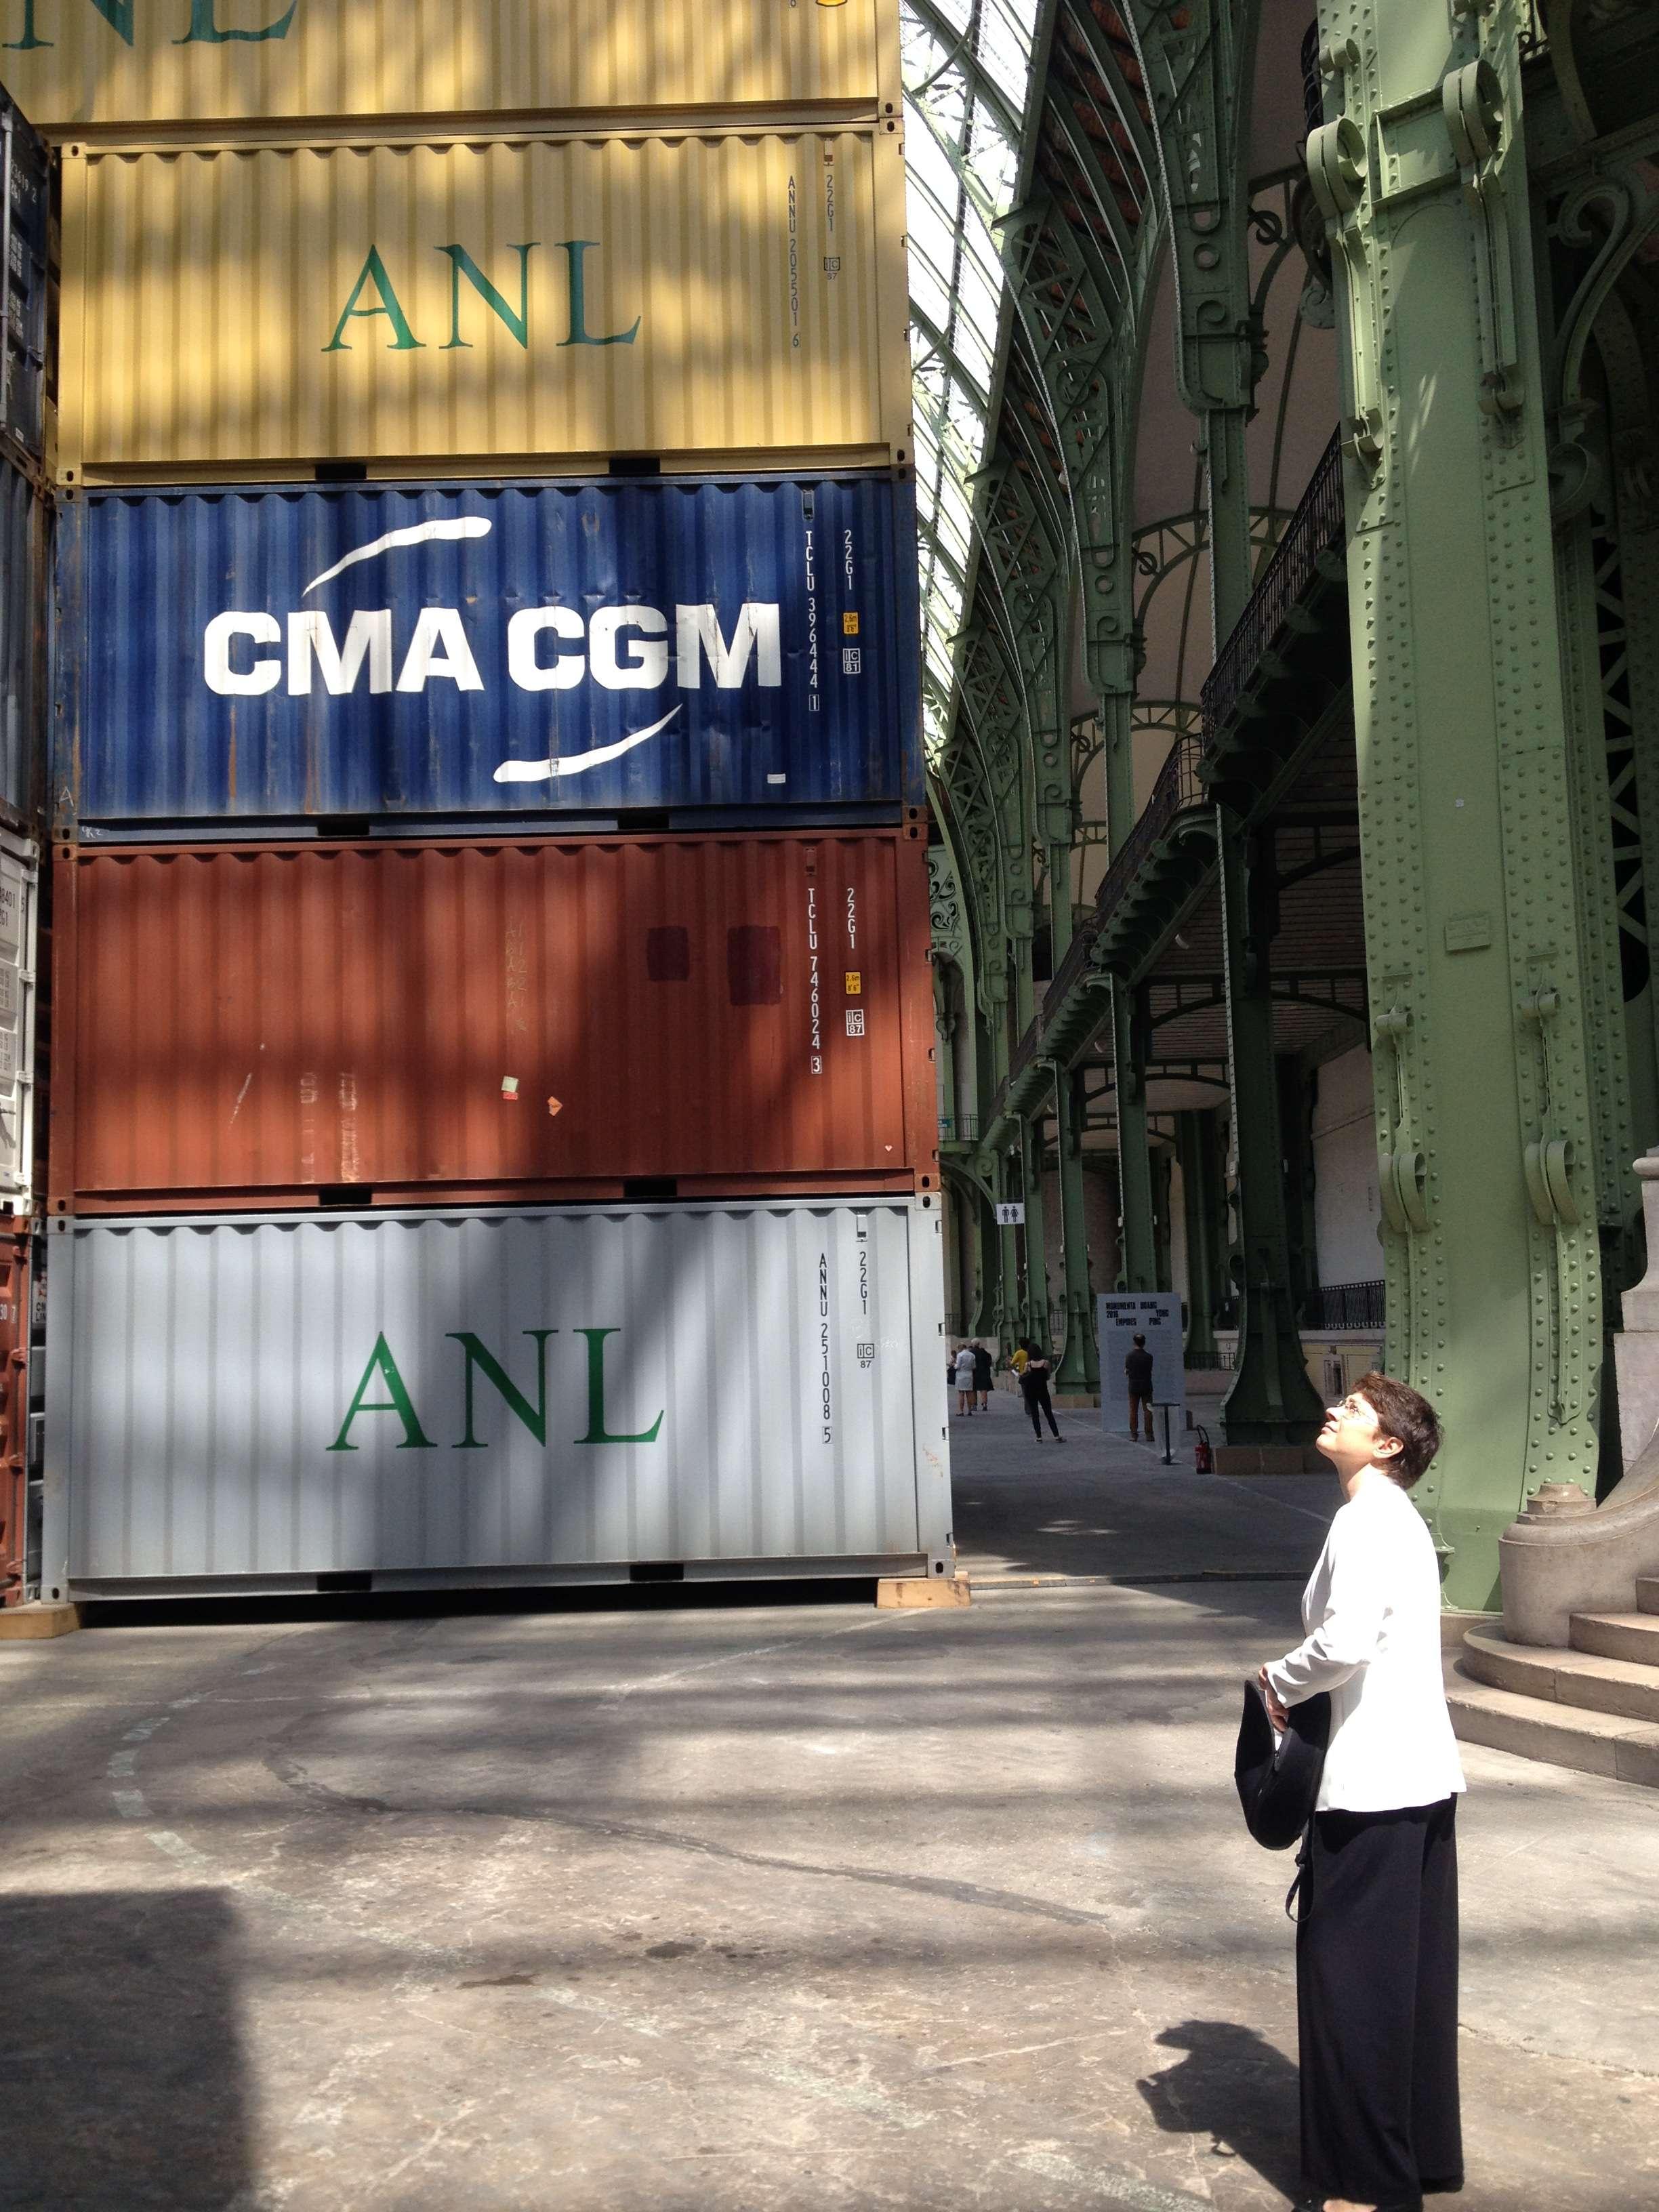 Opera lui Huang Yong Ping atinge aproape 30 de metrii înàltime si cântàreste circa 980 de tone!